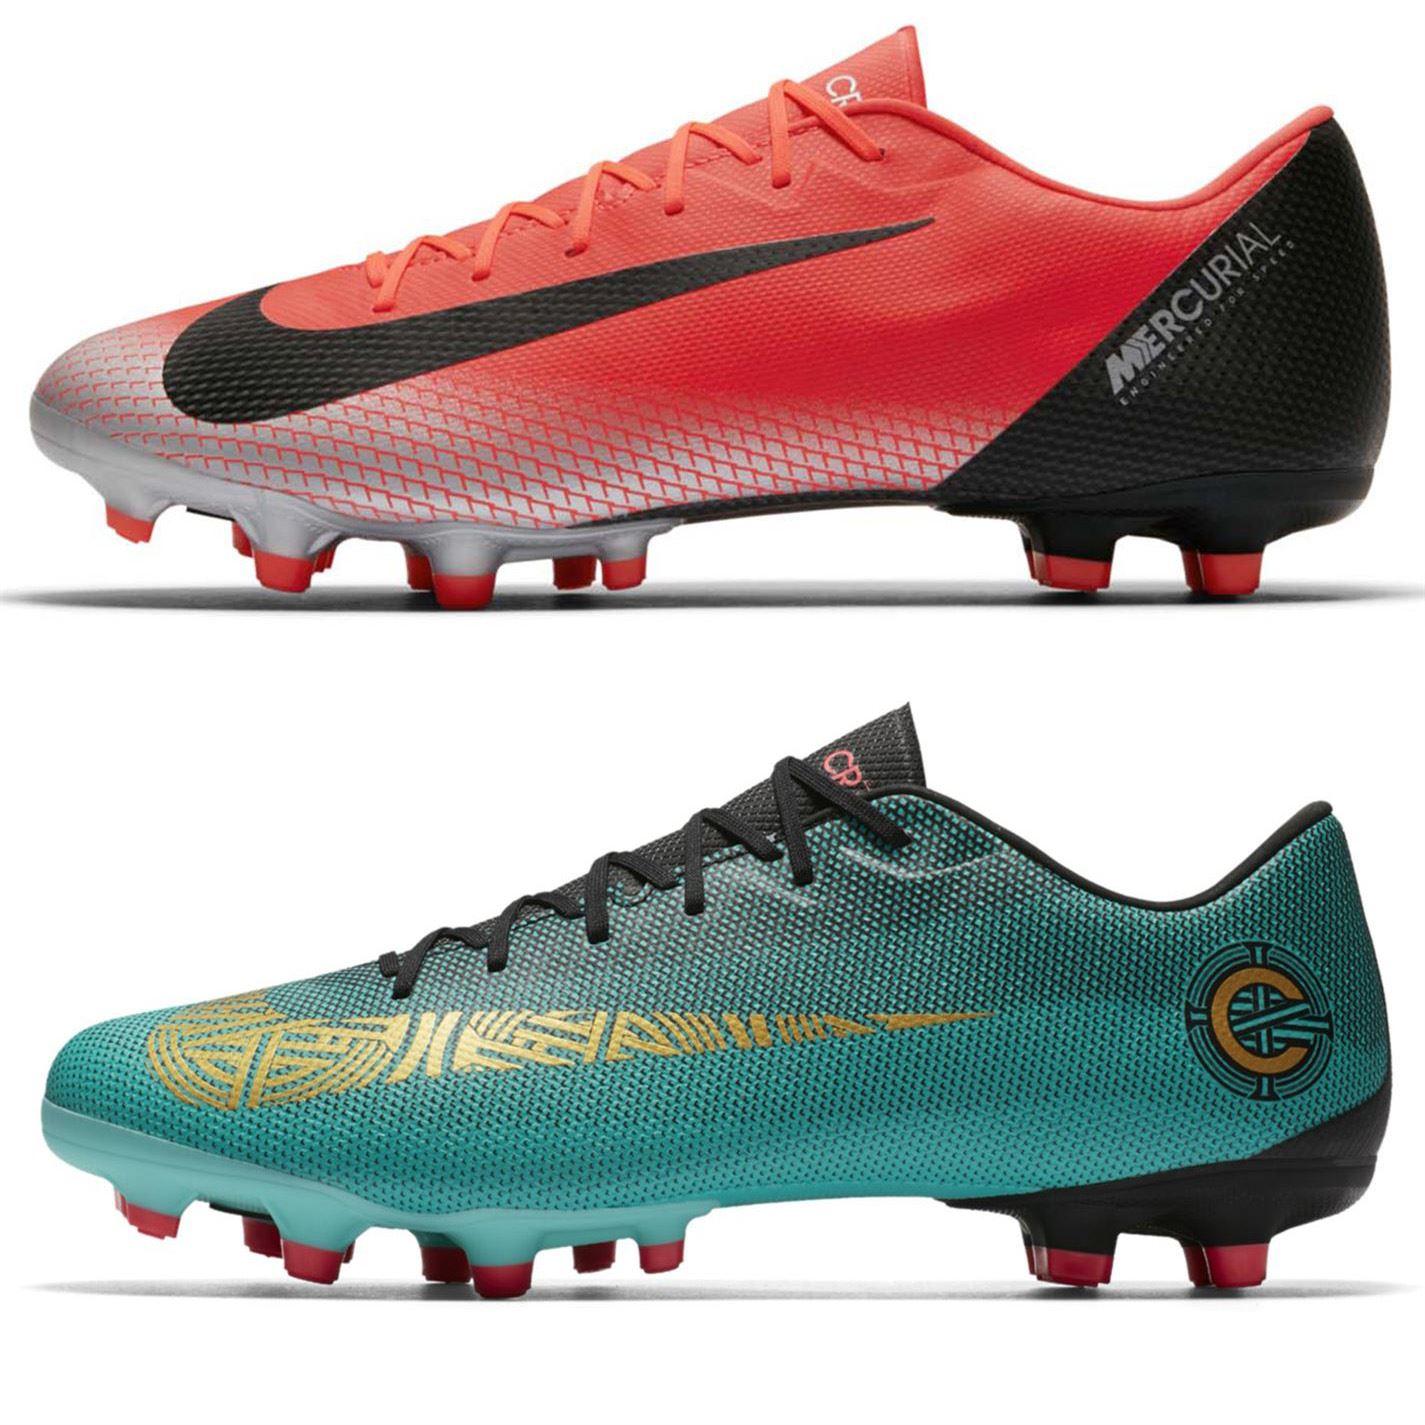 Dettagli su Nike Mercurial Vapor Accademia CR7 Firm Scarpe da Calcio Uomo Calcio Tacchetti